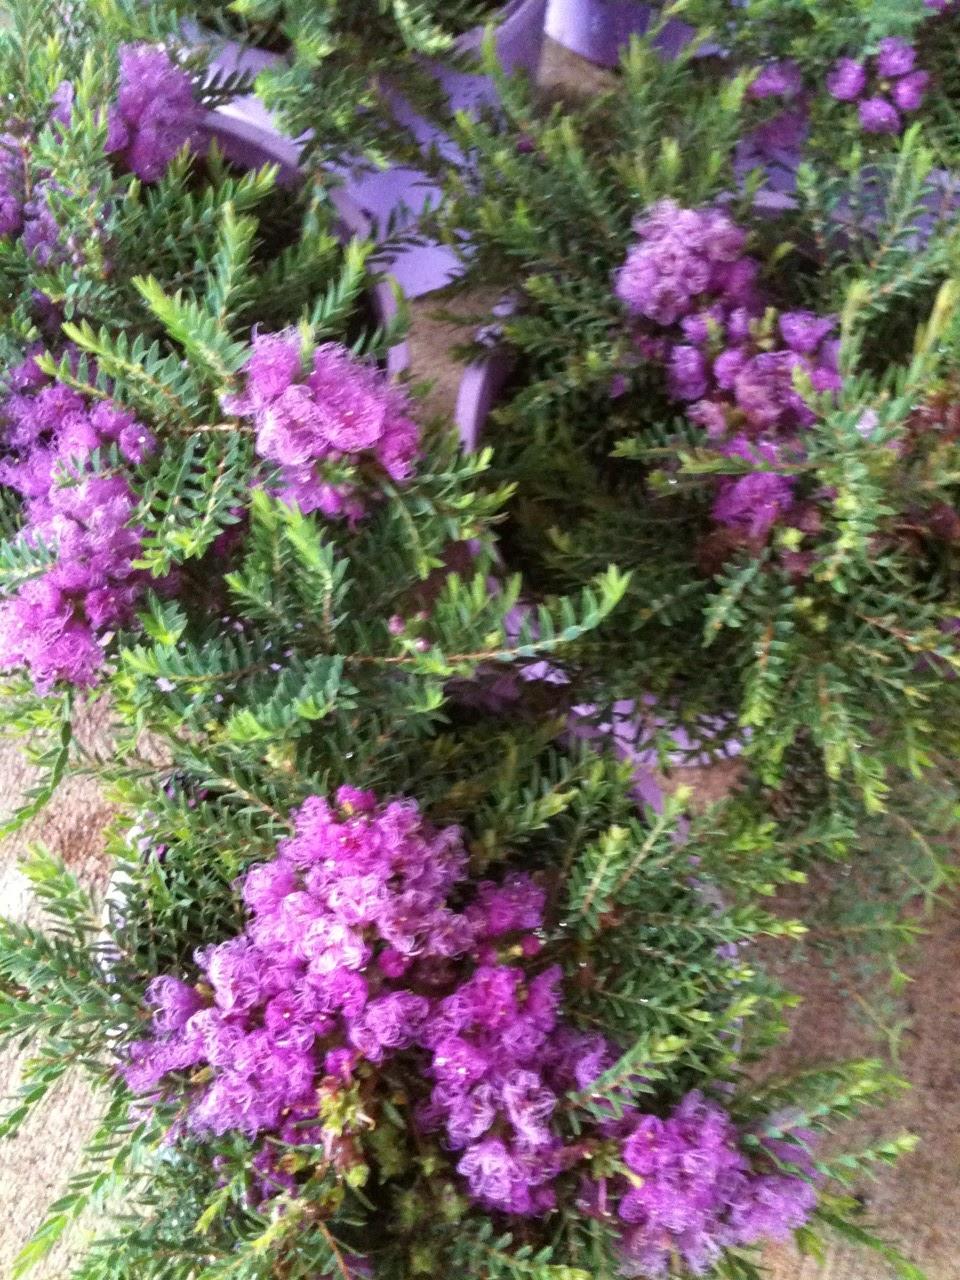 Gondwana Nursery Melaleuca Little Beauty In Full Flower